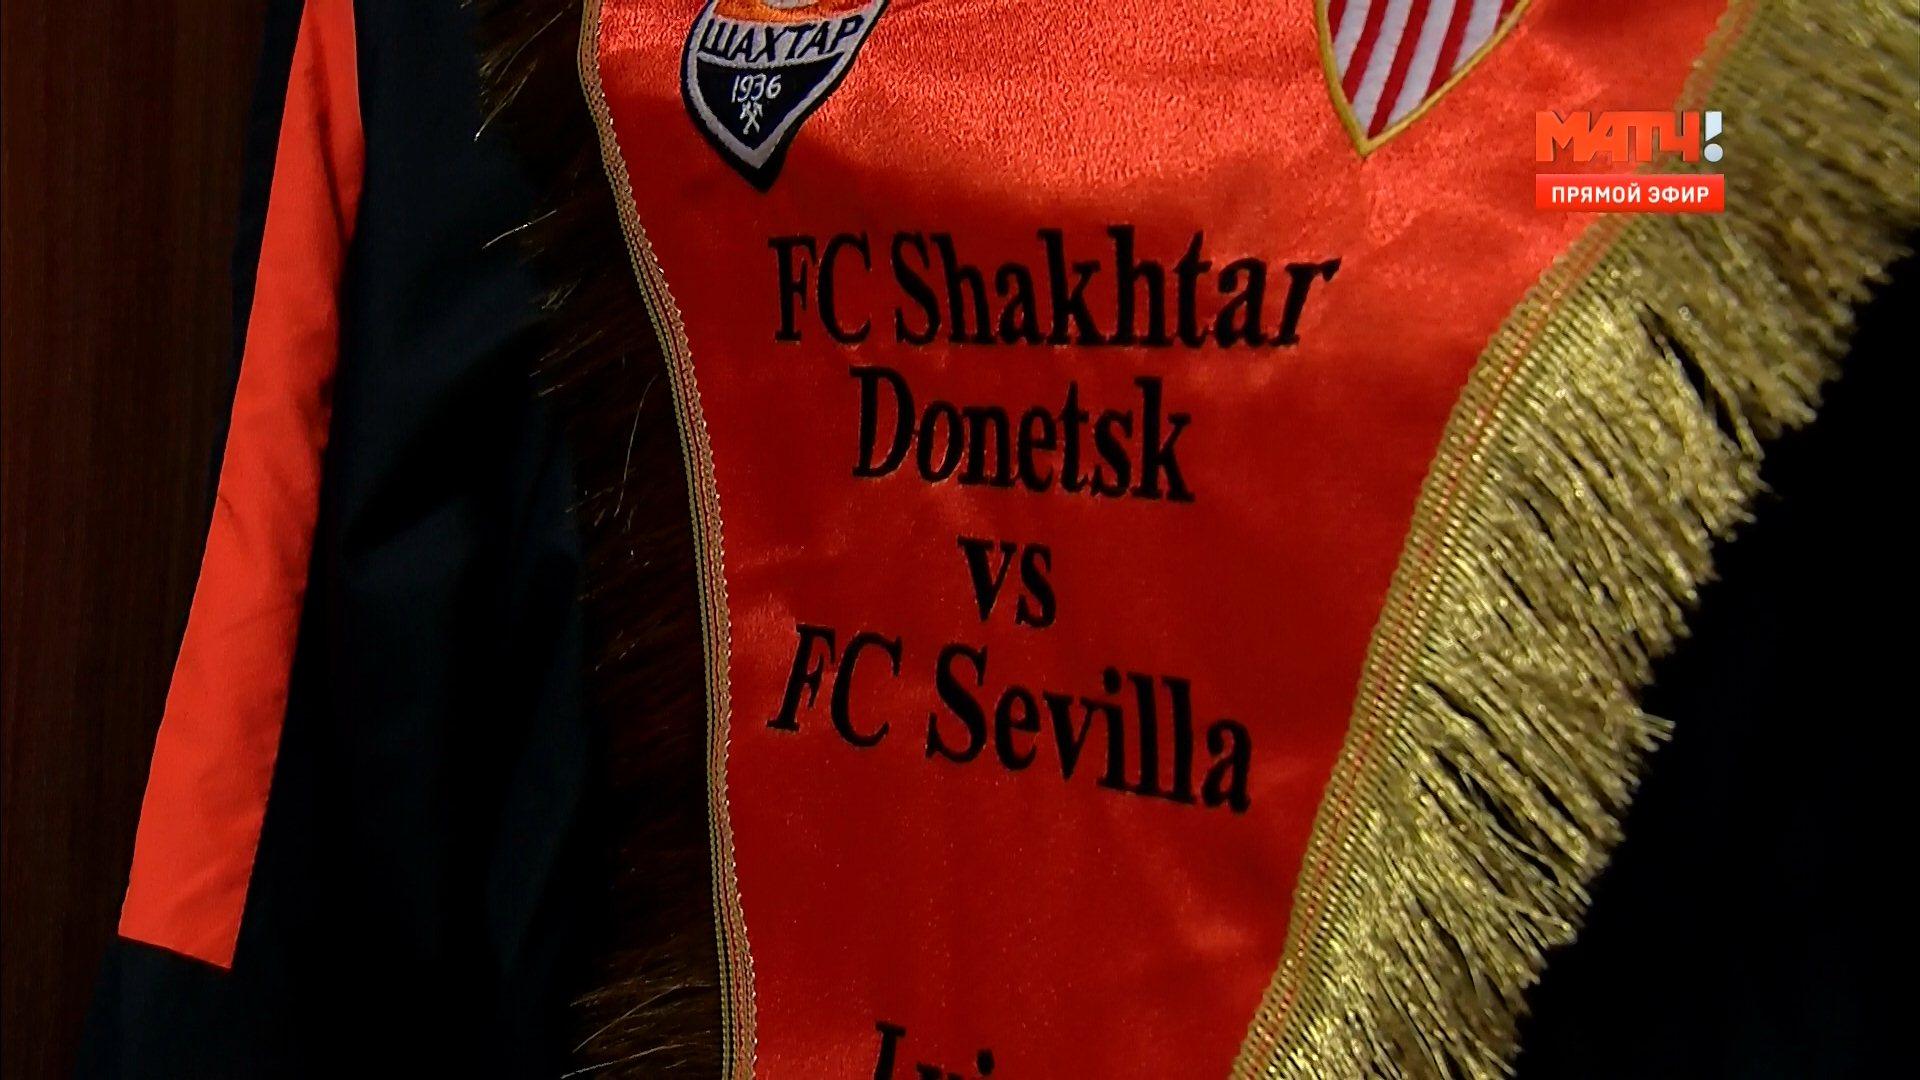 Футбол. Лига Европы 2015-16 (1/2 финала. Первая игра) Шахтер - Севилья (2016) HDTVRip 720p